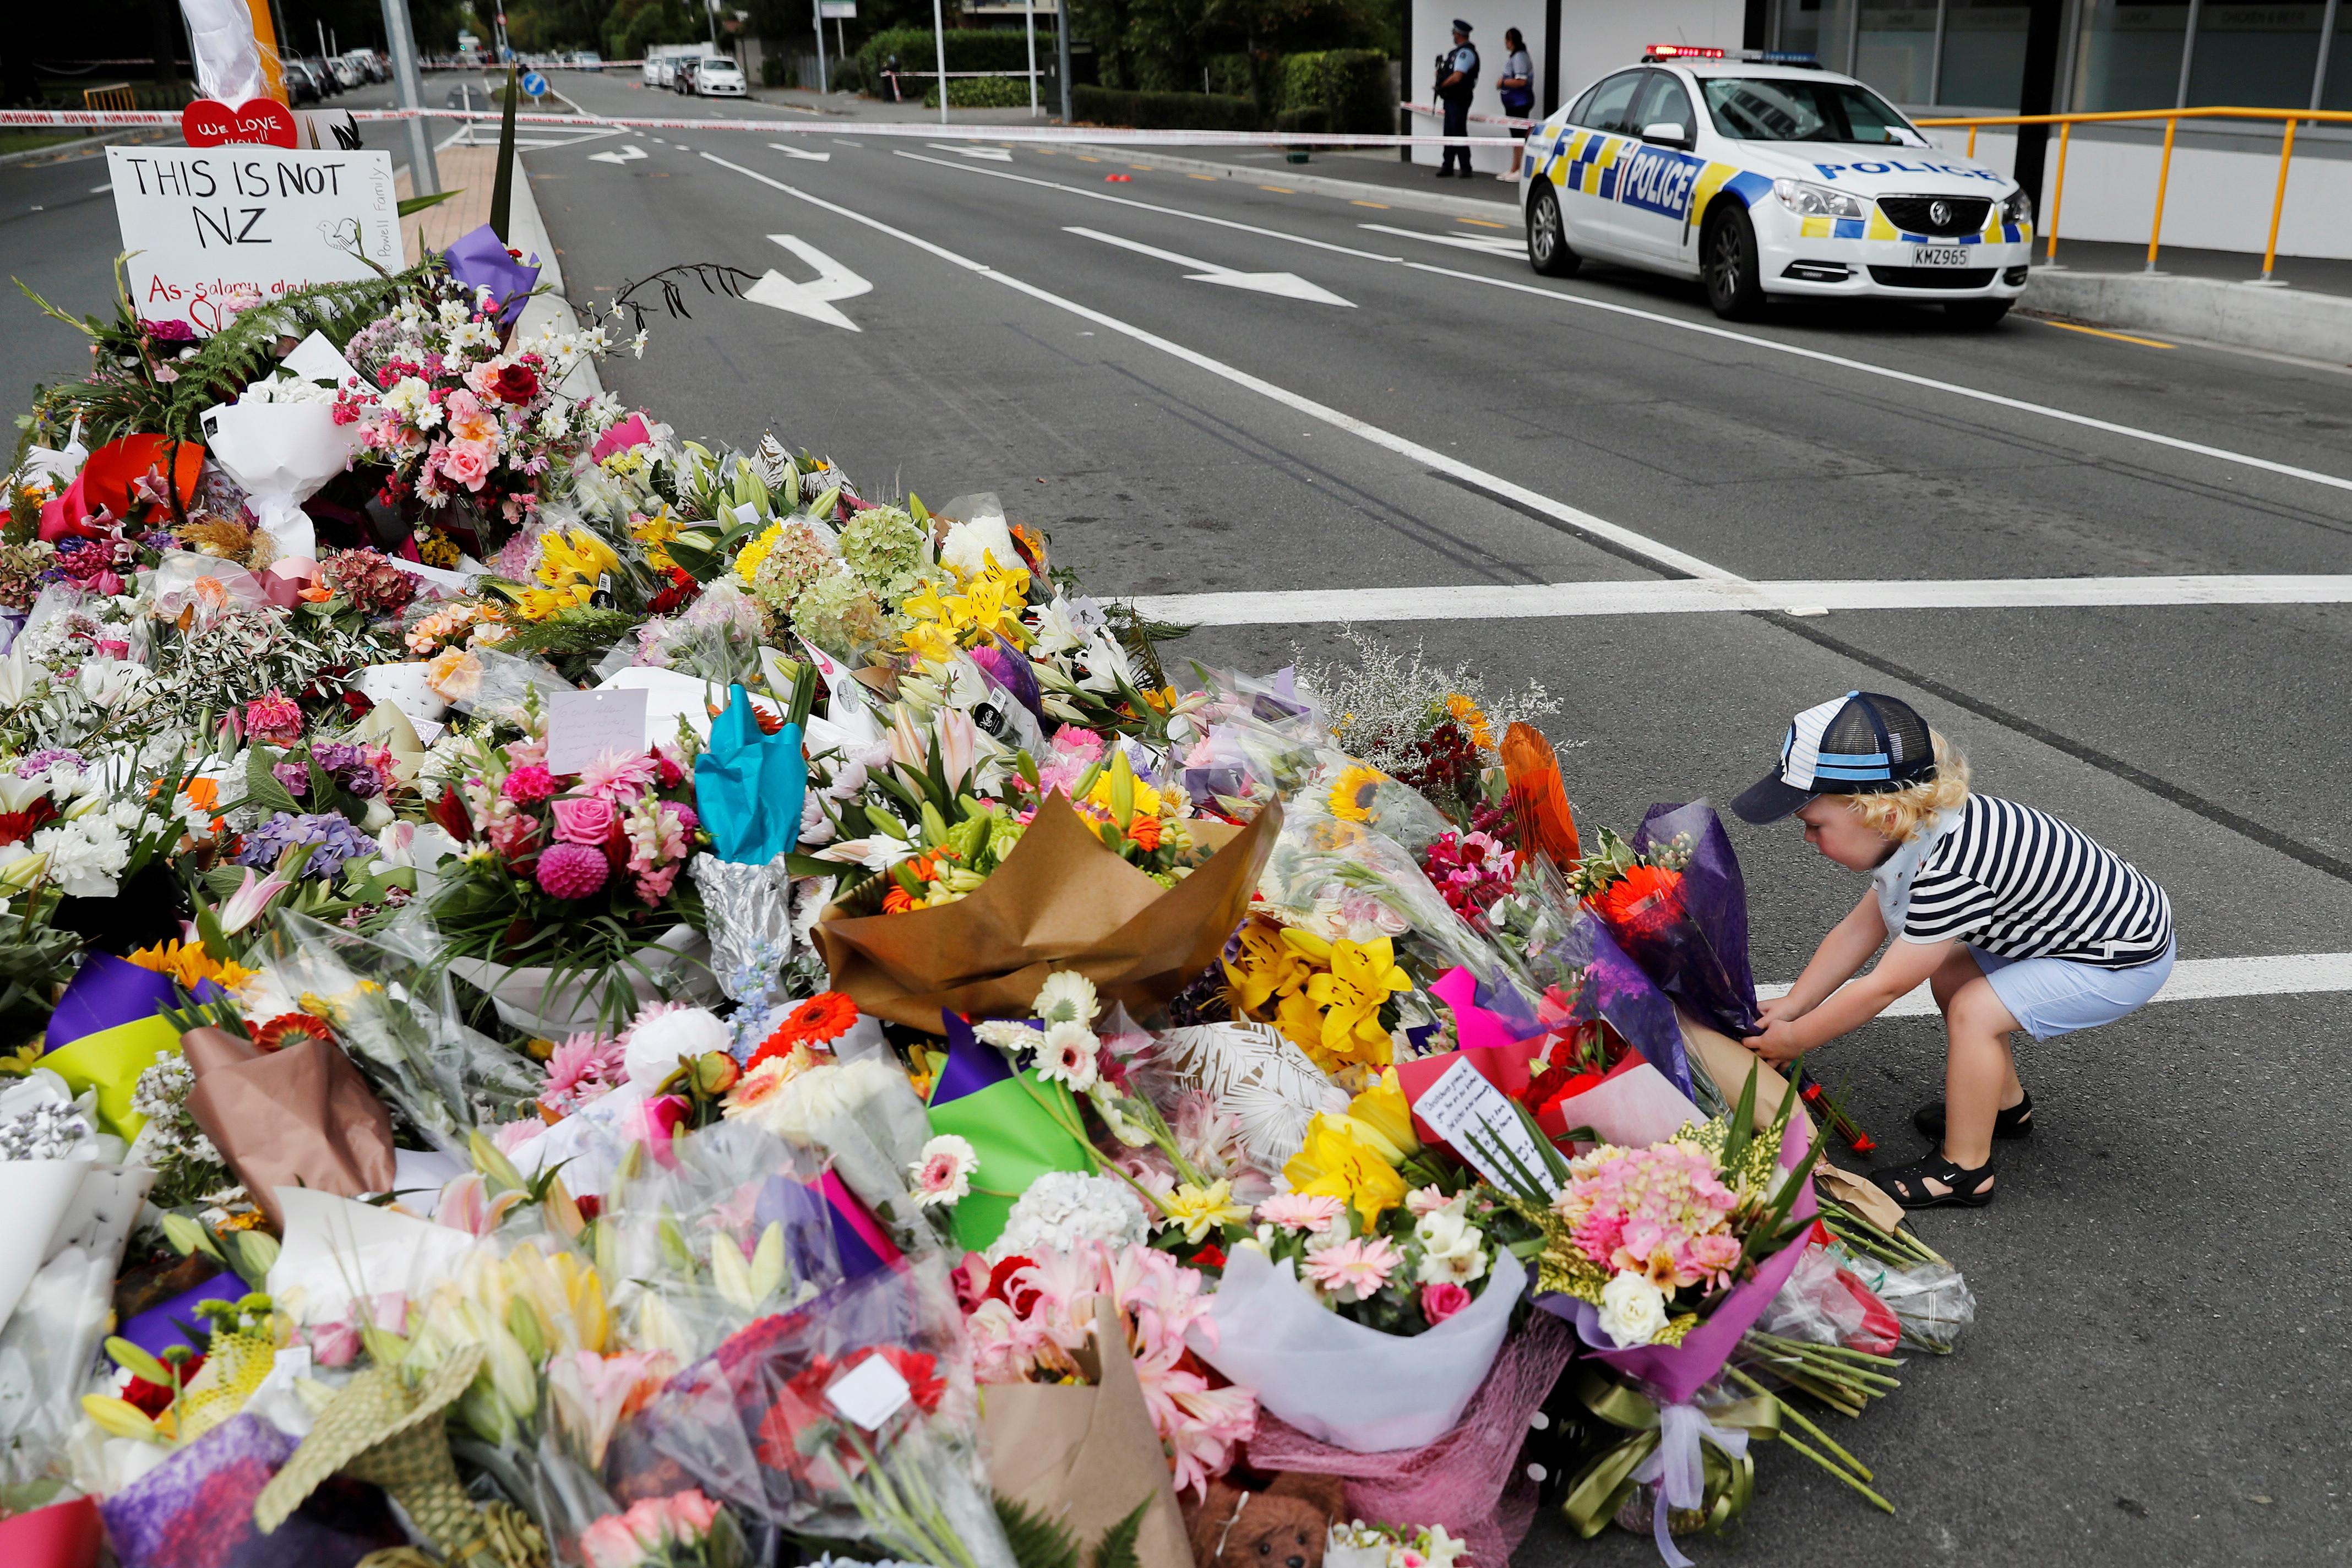 """Nova Zelândia critica Facebook. """"Silêncio é um insulto ao nosso luto"""""""